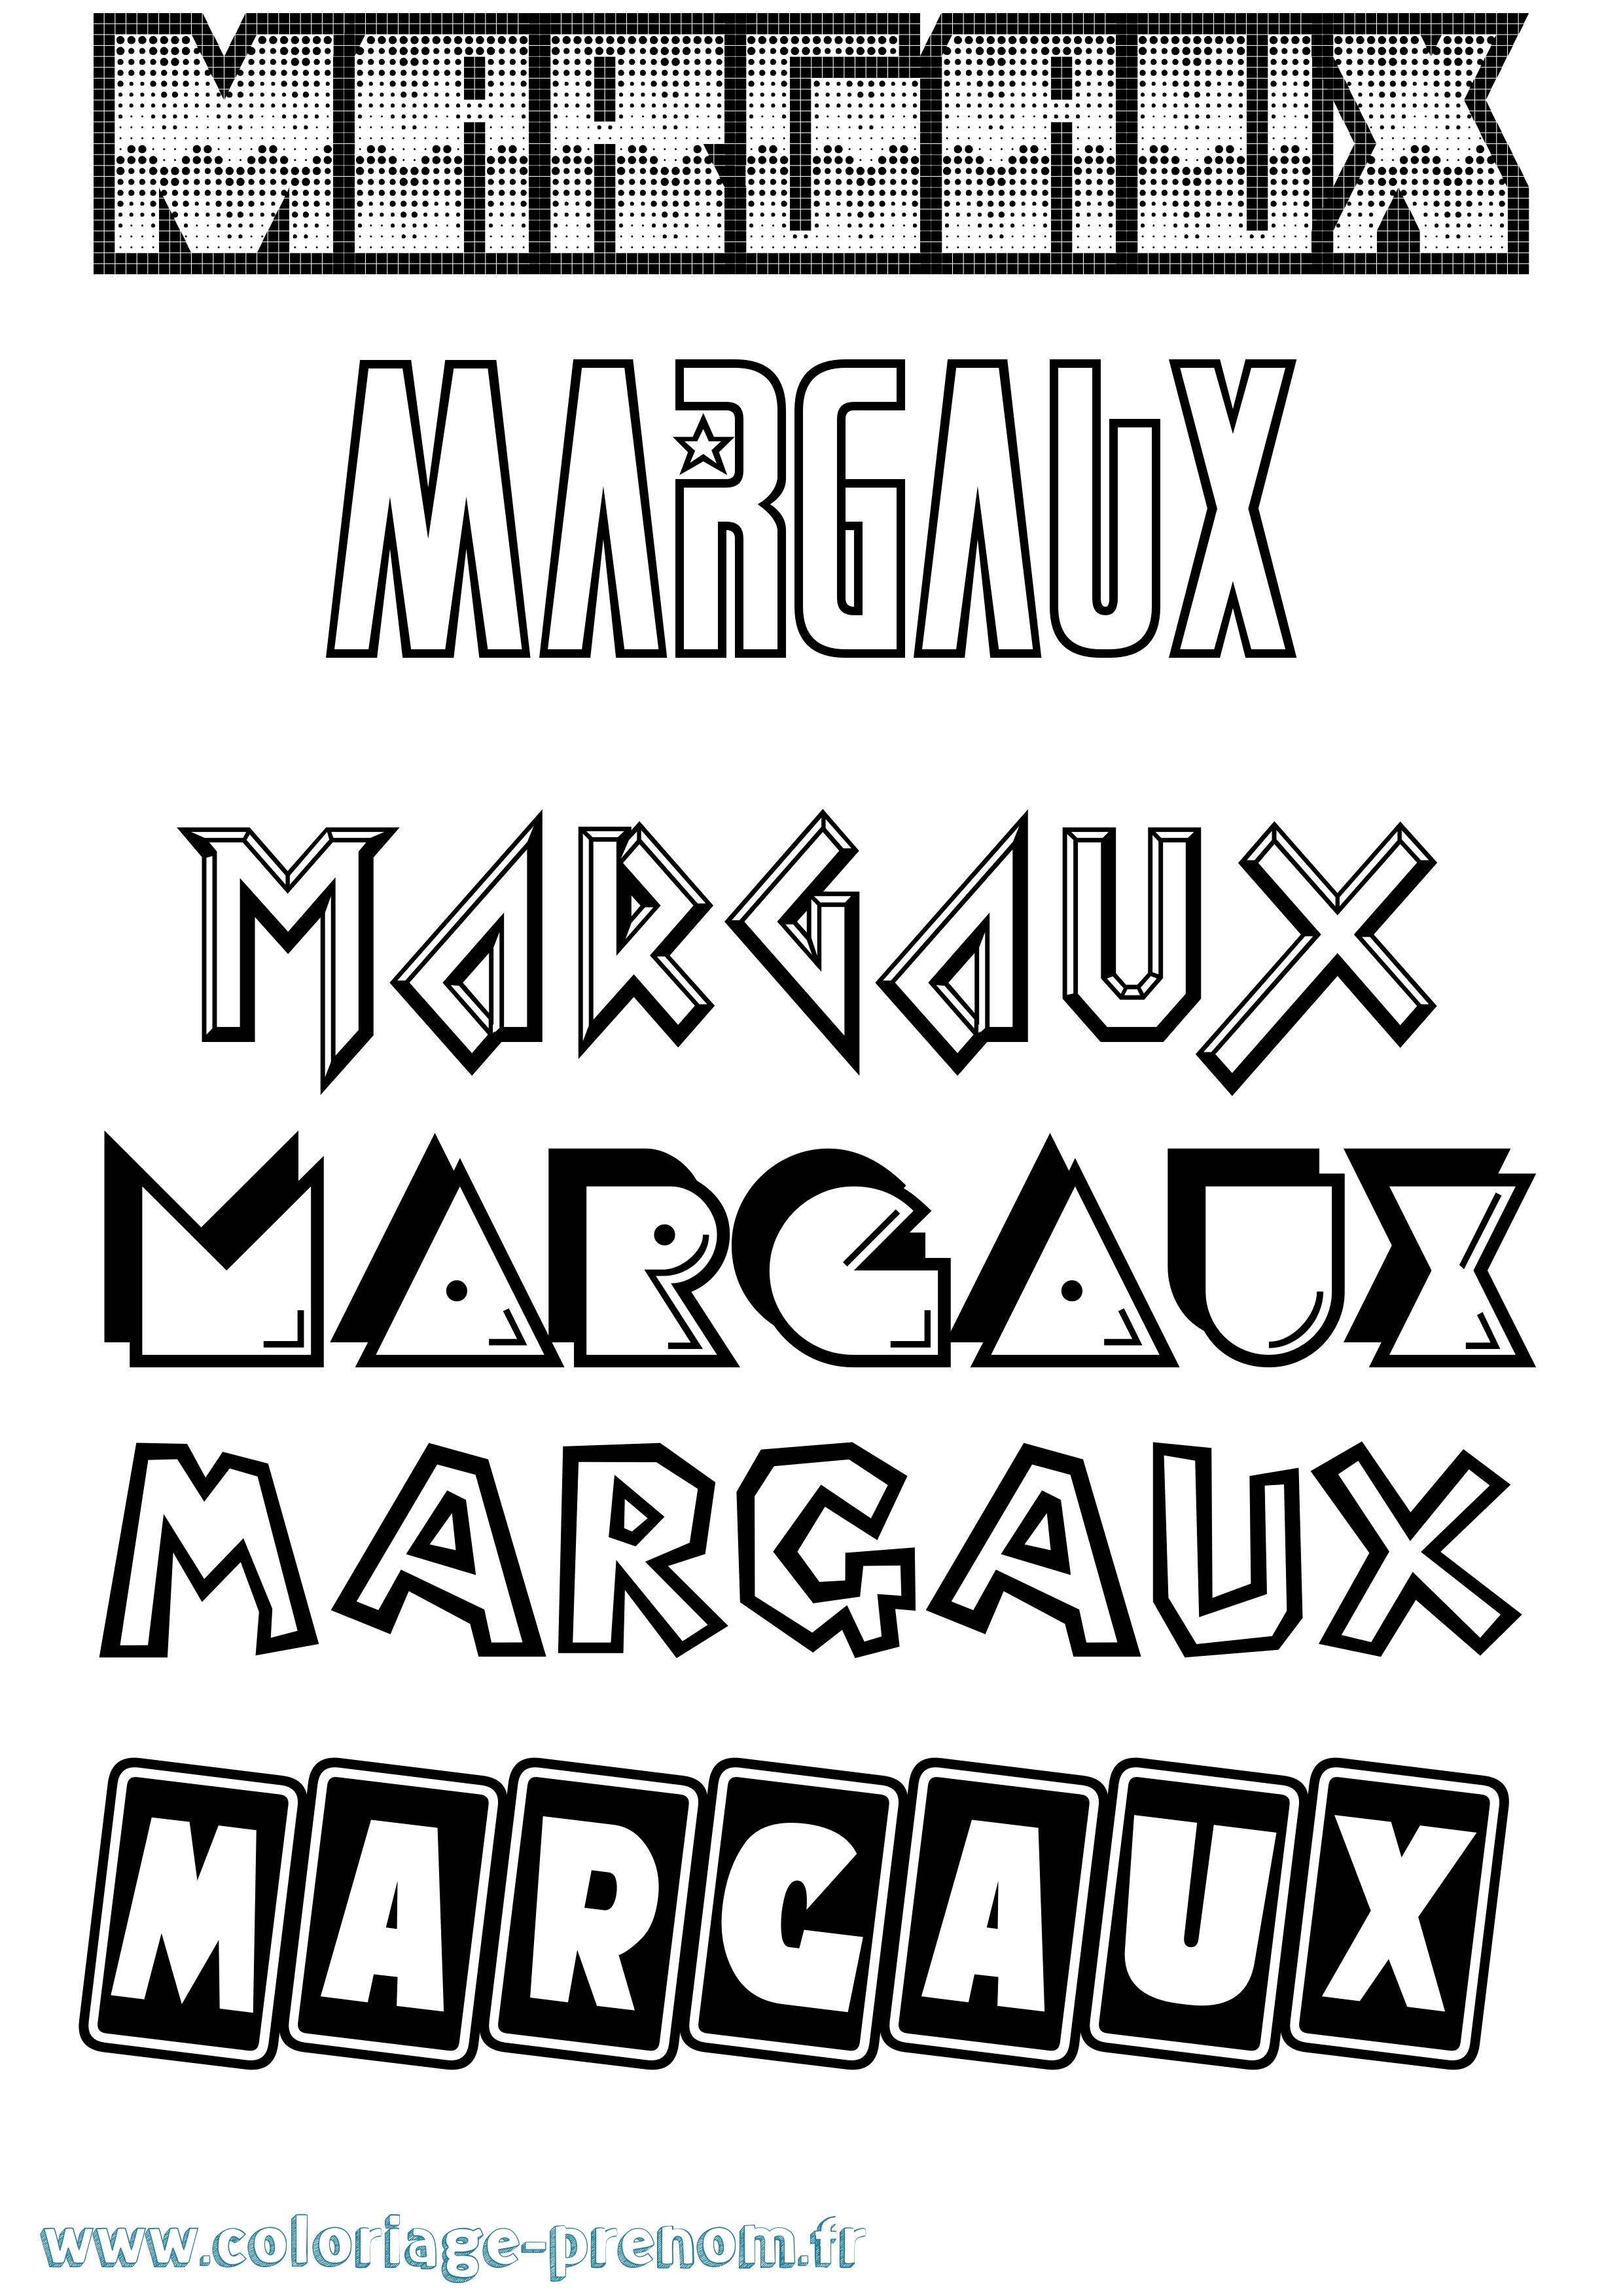 Coloriage du pr nom margaux imprimer ou t l charger facilement - Prenom a imprimer ...